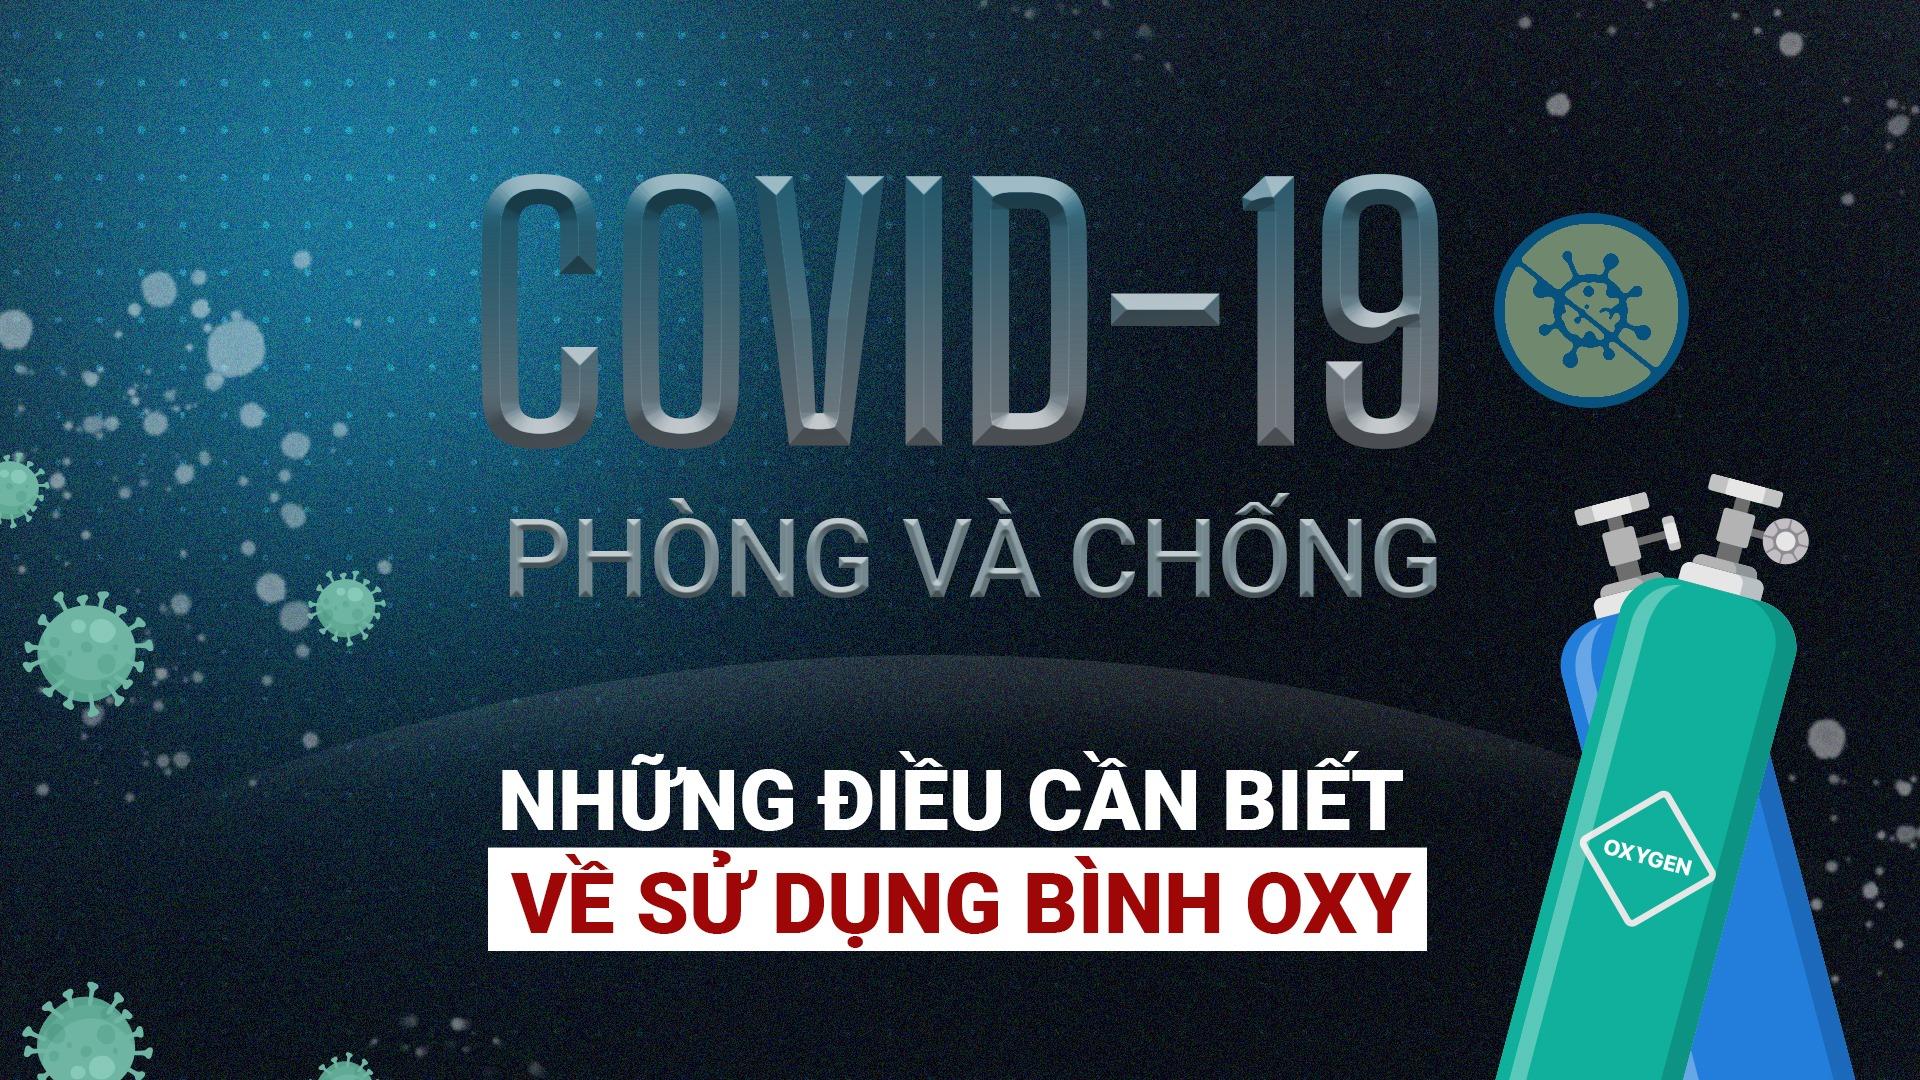 COVID-19 phòng và chống | Những điều cần biết về sử dụng bình Oxy